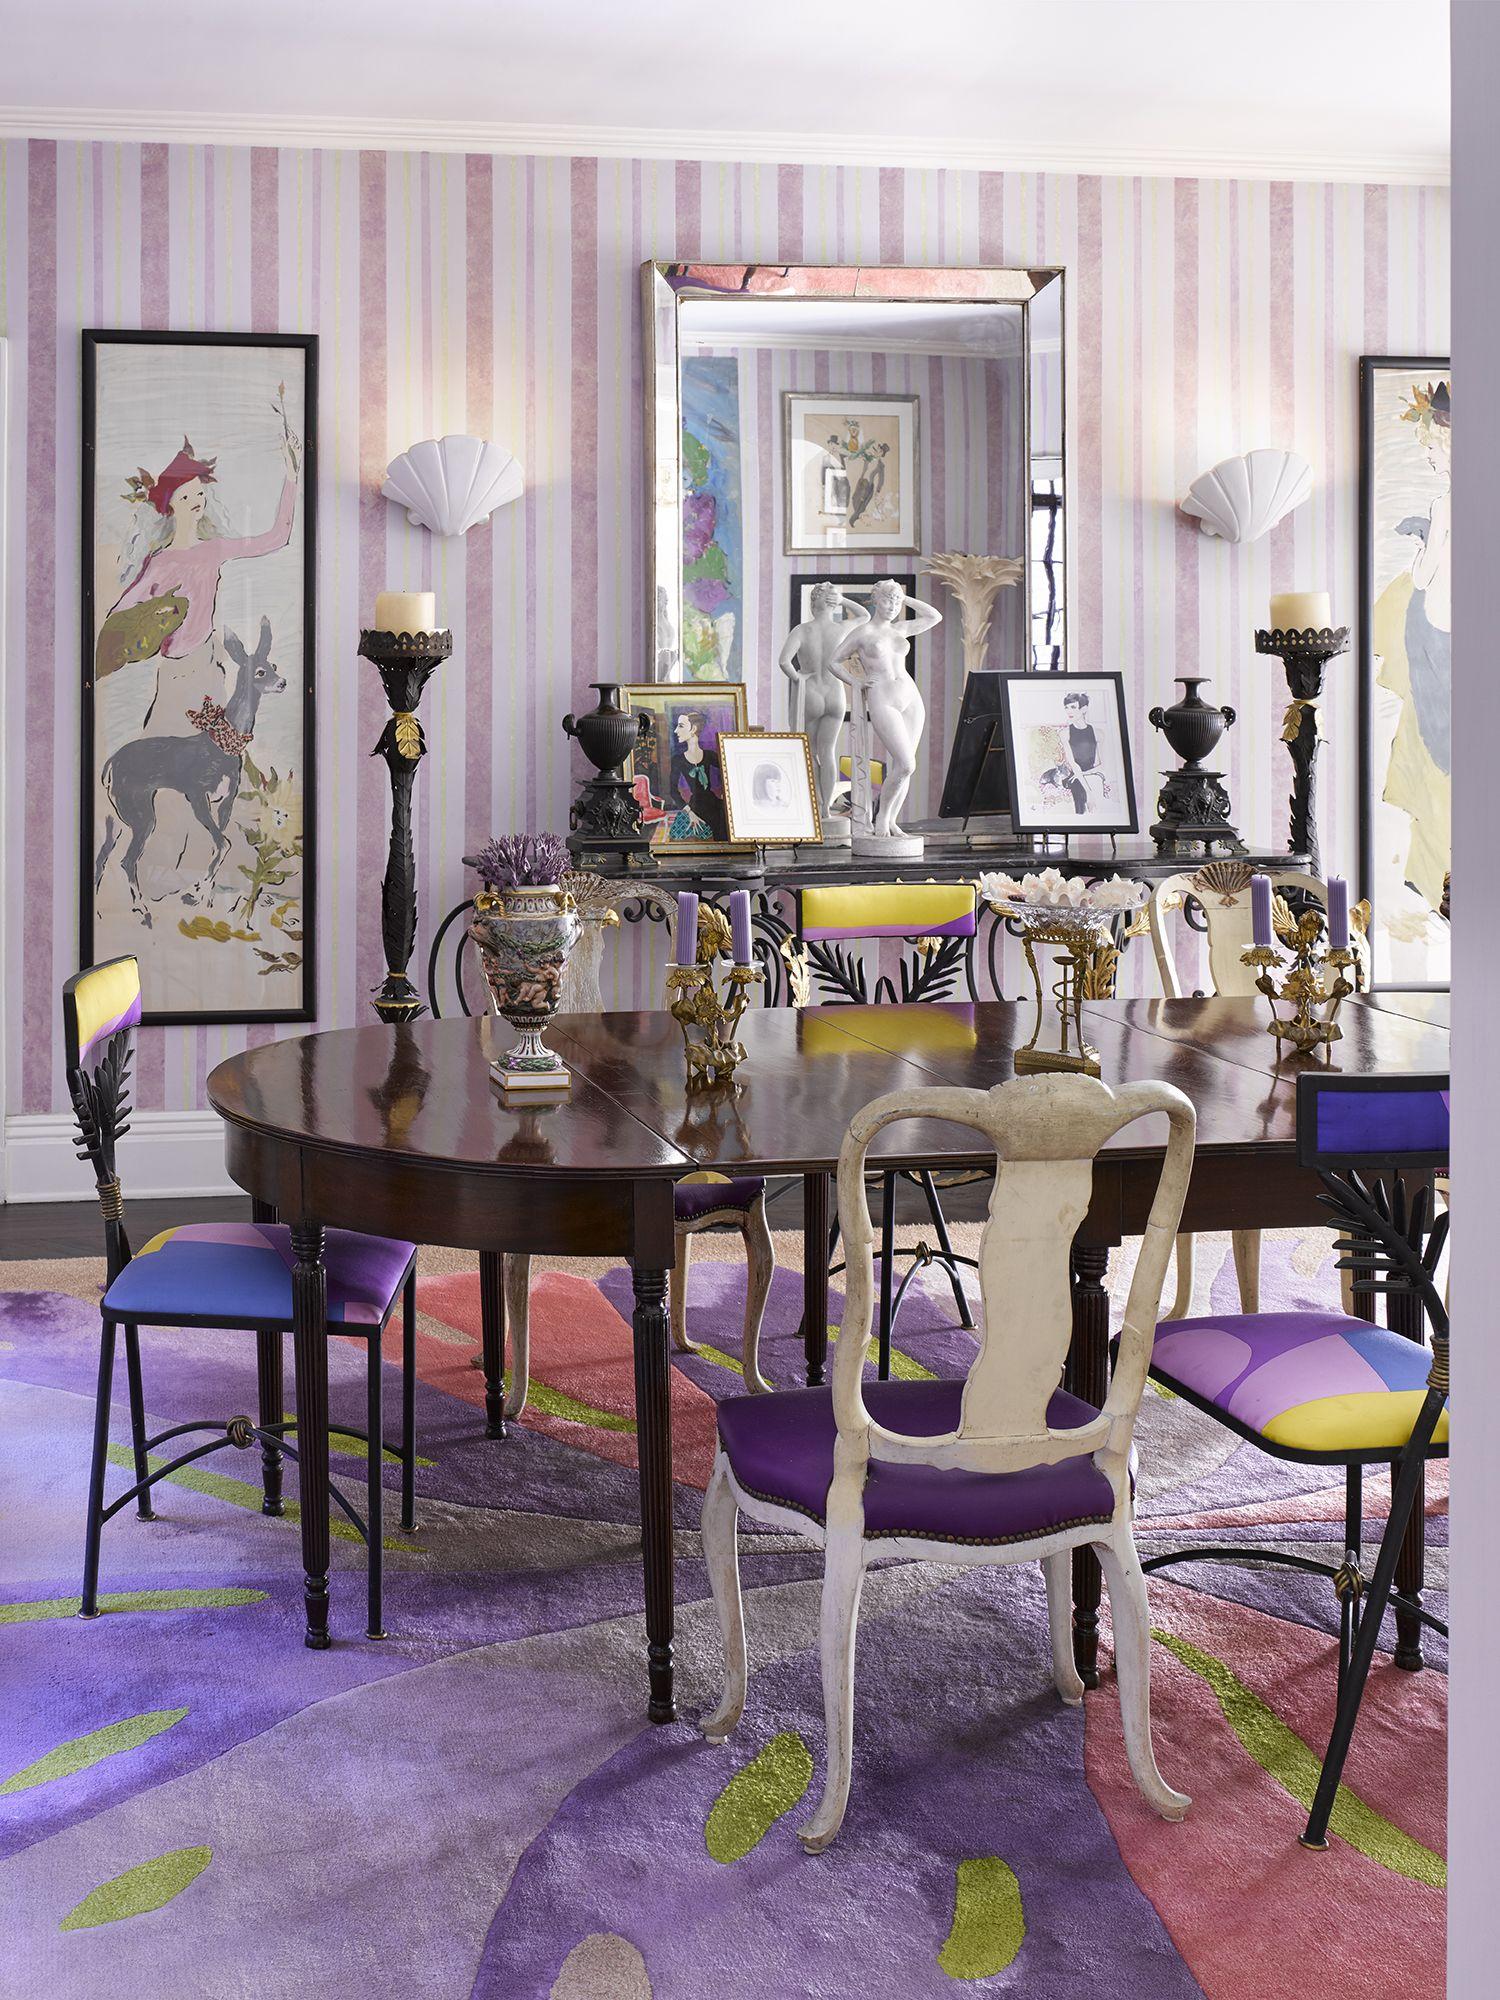 interior design - coffee table books